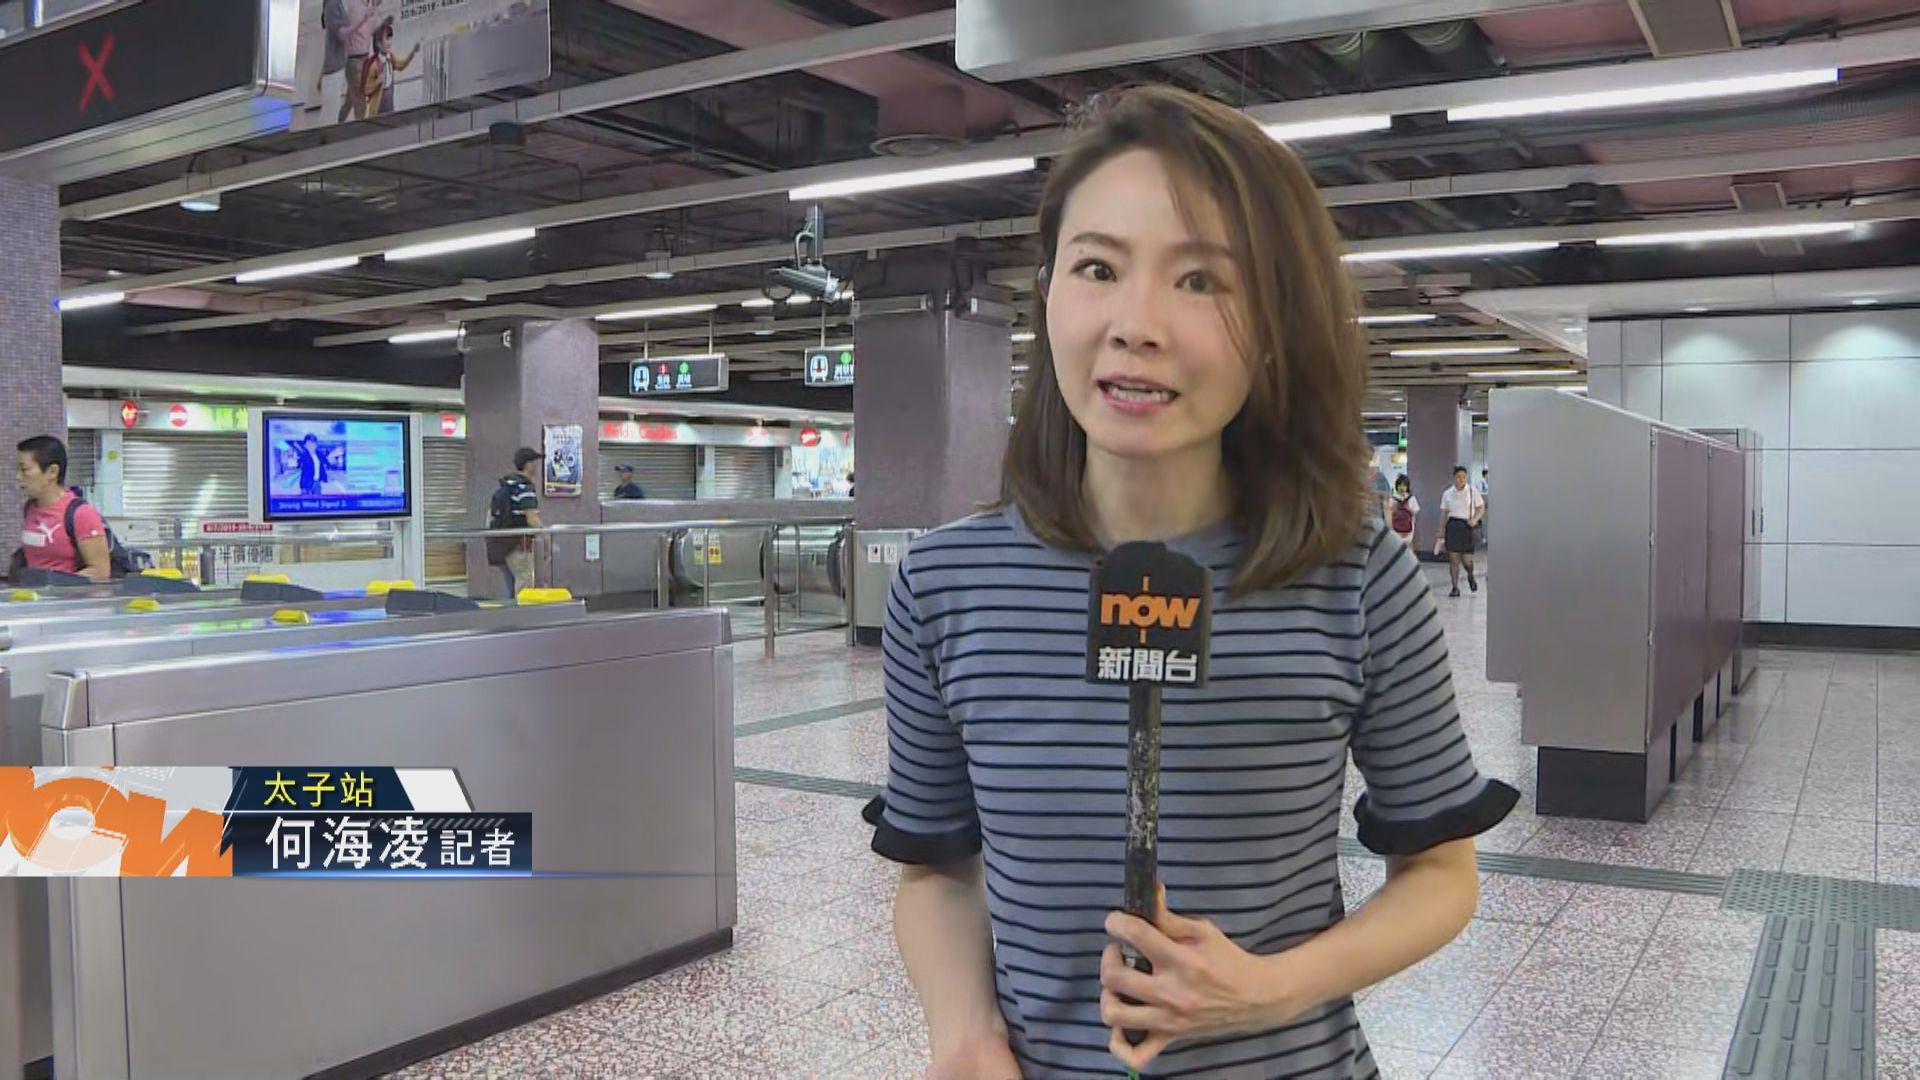 【現場報道】港鐵太子站服務回復正常